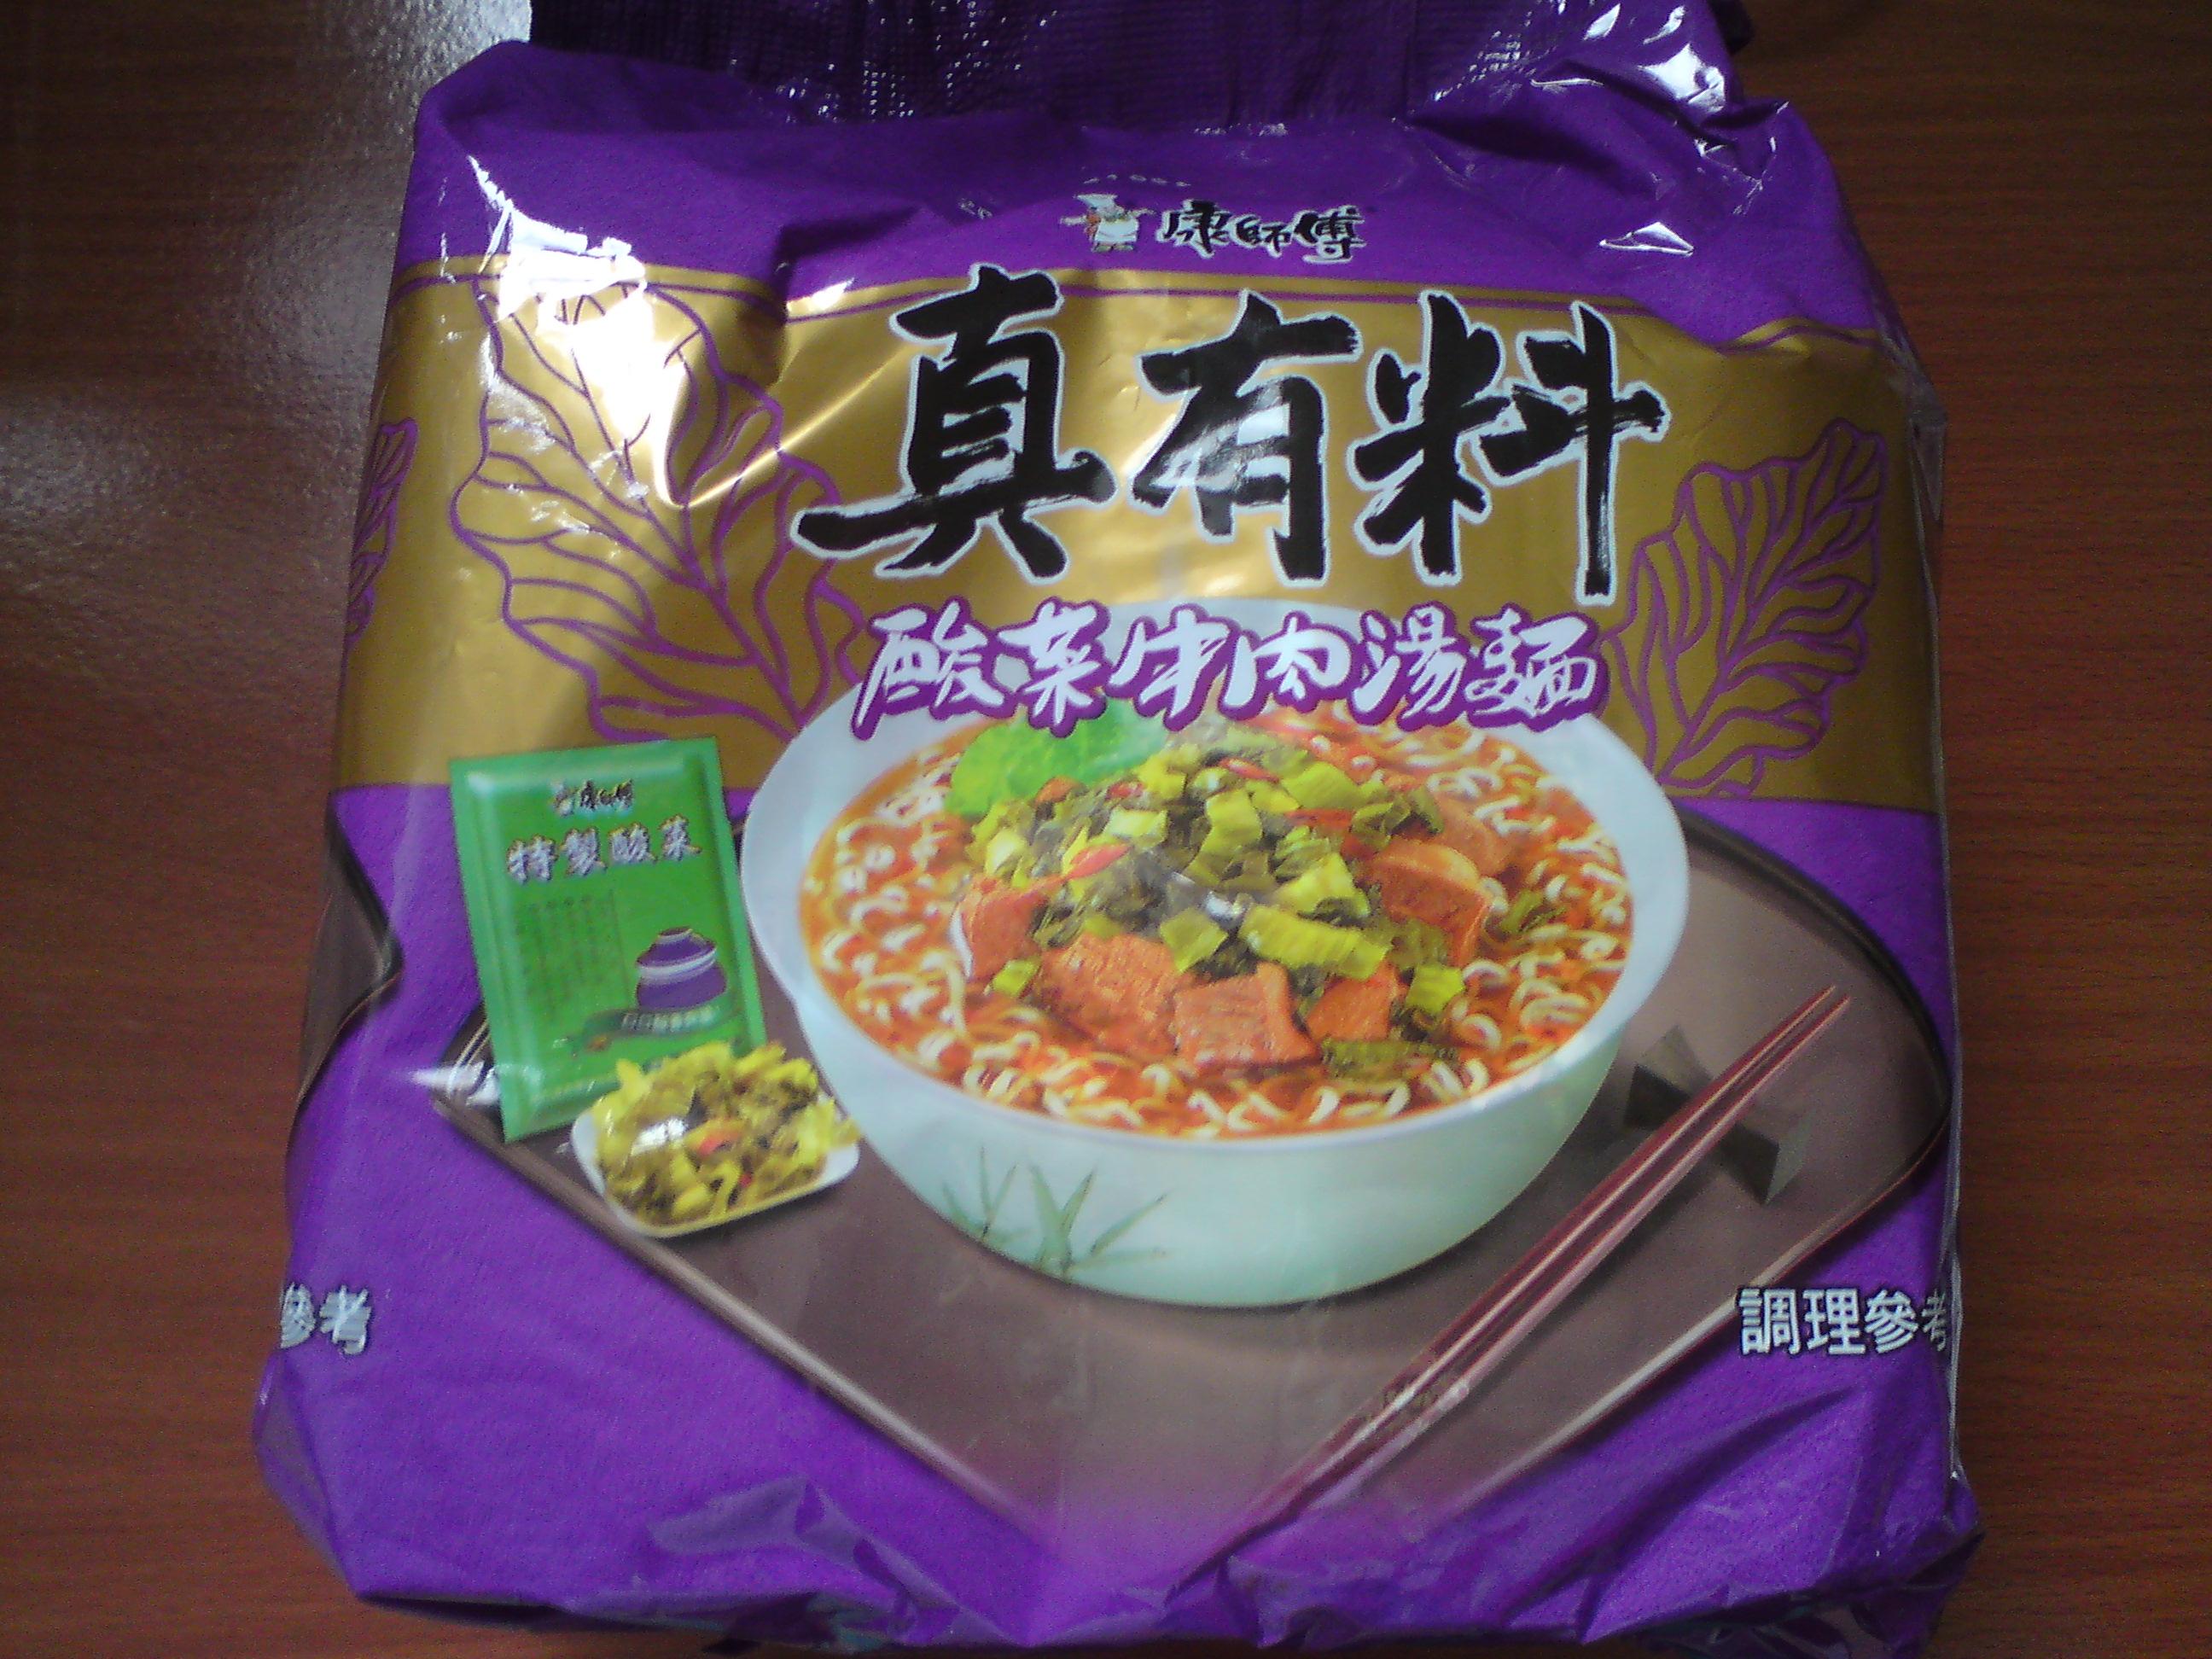 【試吃】康師傅-酸菜牛肉湯麵 - ken19940605的創作 - 巴哈姆特